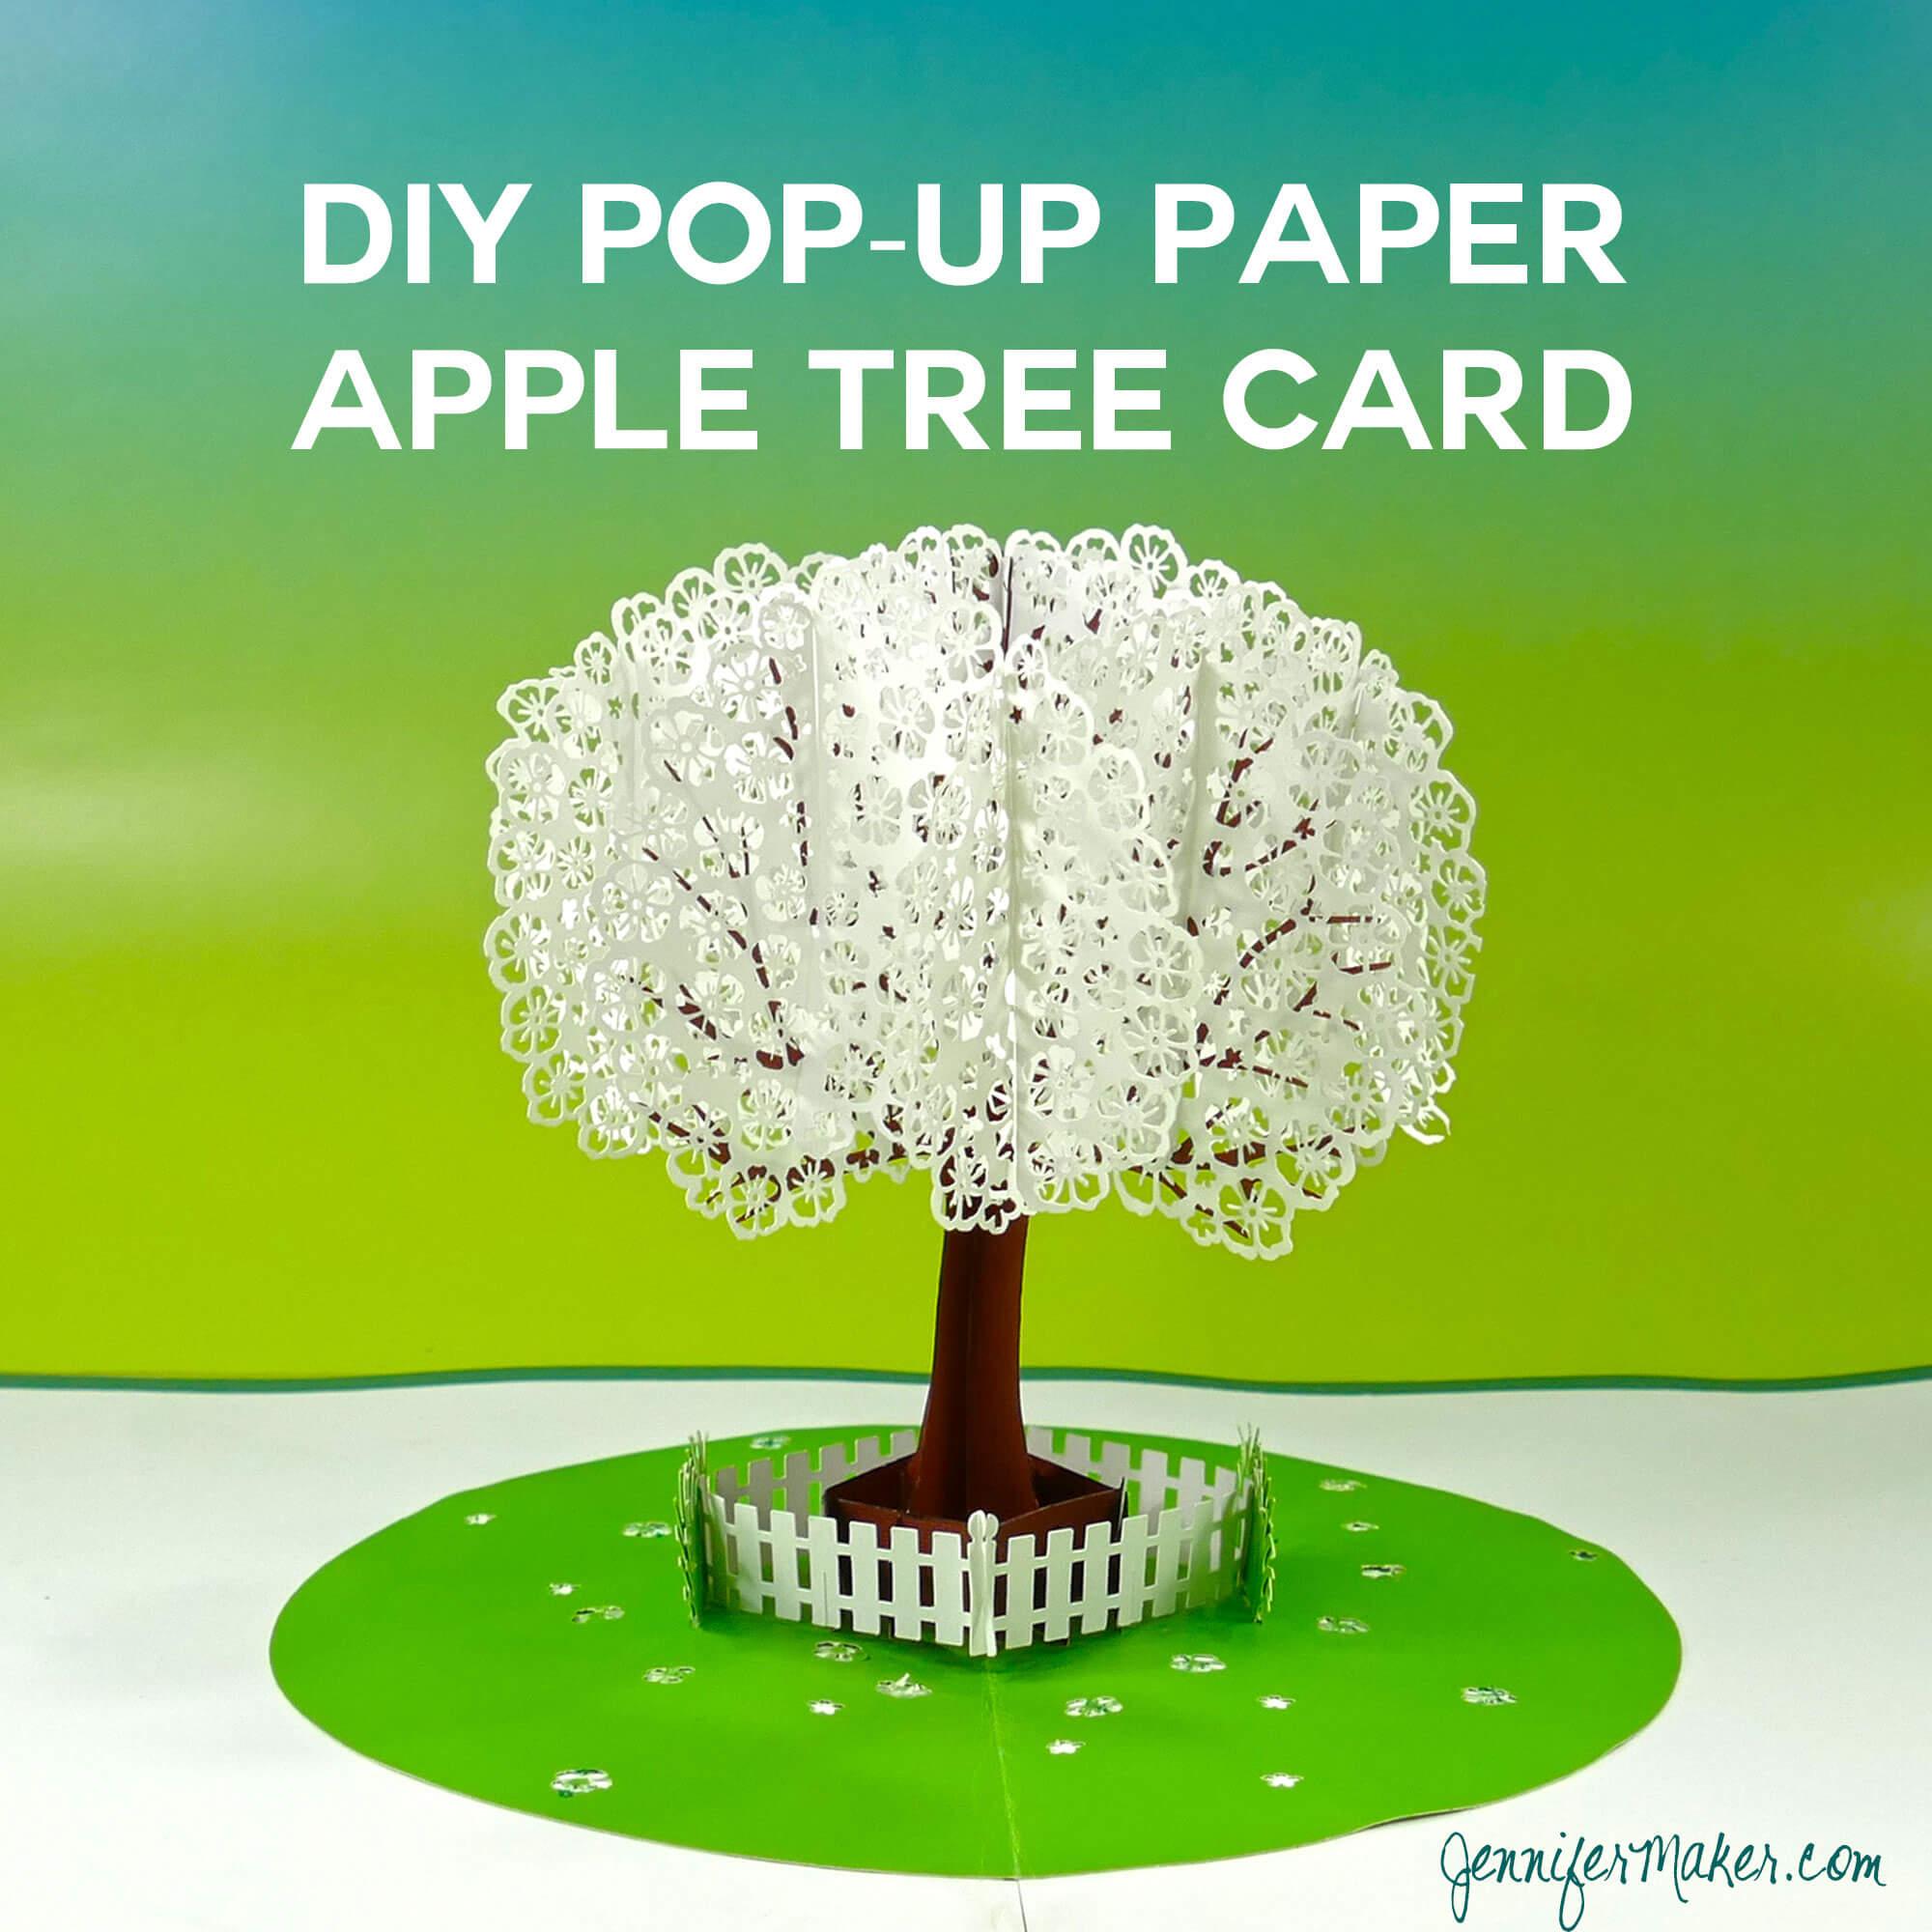 Pop Up Paper Apple Tree Card (3D Sliceform) - Jennifer Maker Within Pop Up Tree Card Template